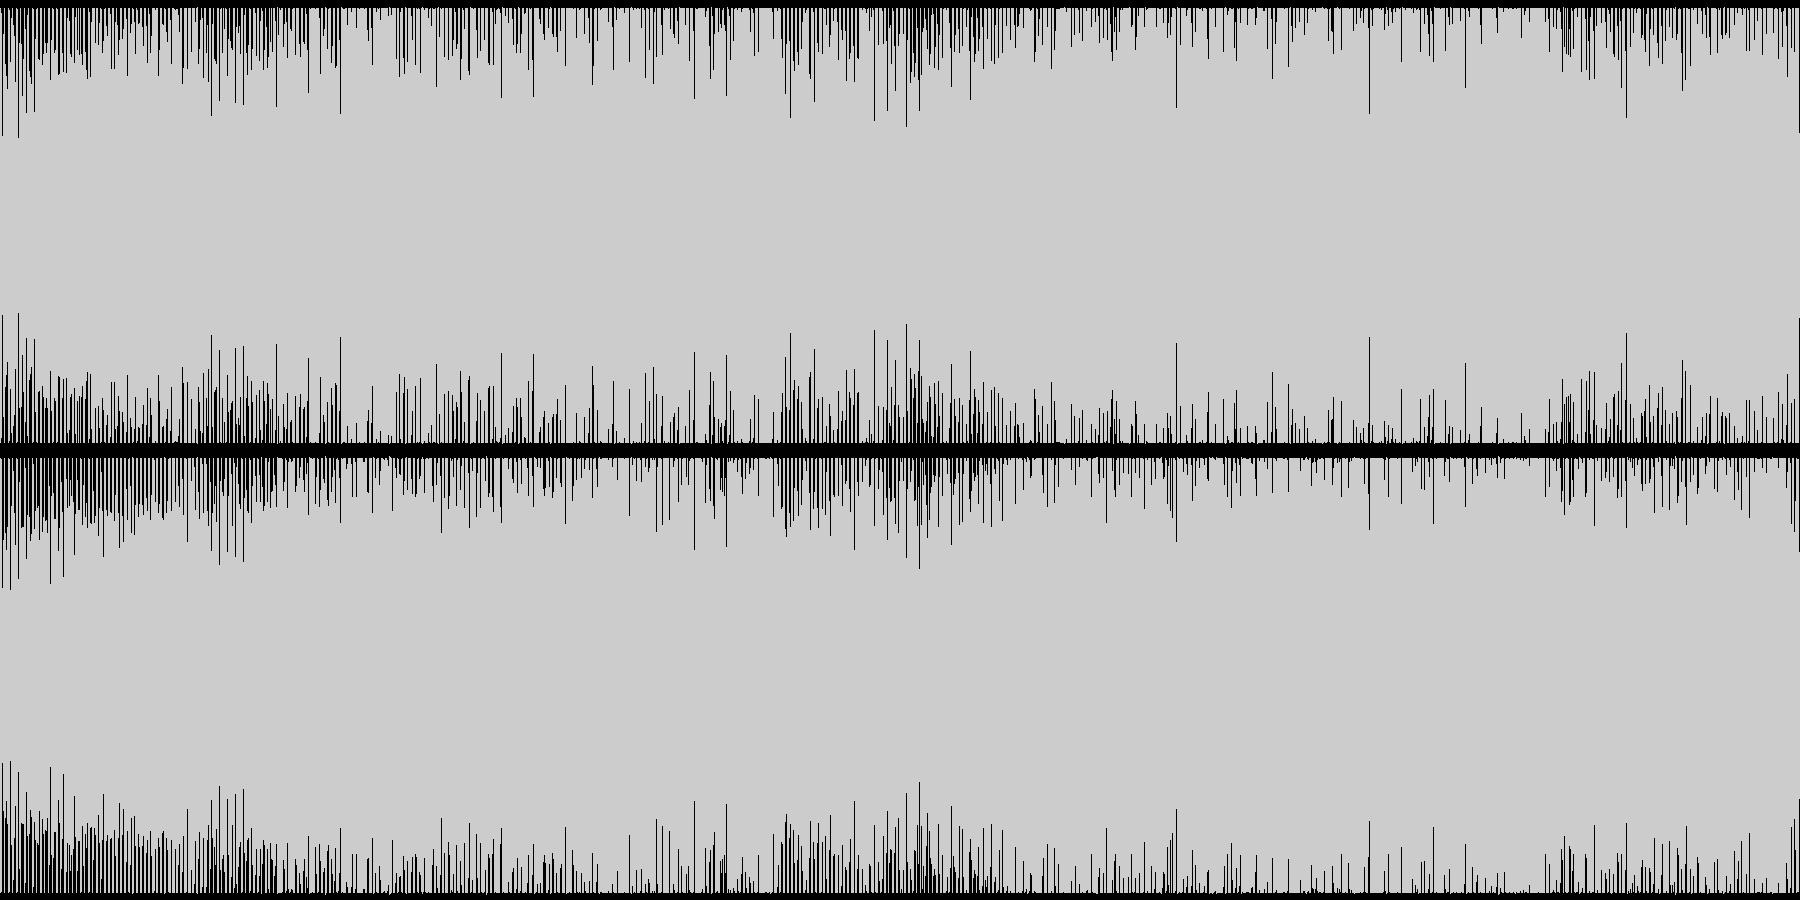 【ループ】空港/滑走路をイメージした戦いの未再生の波形